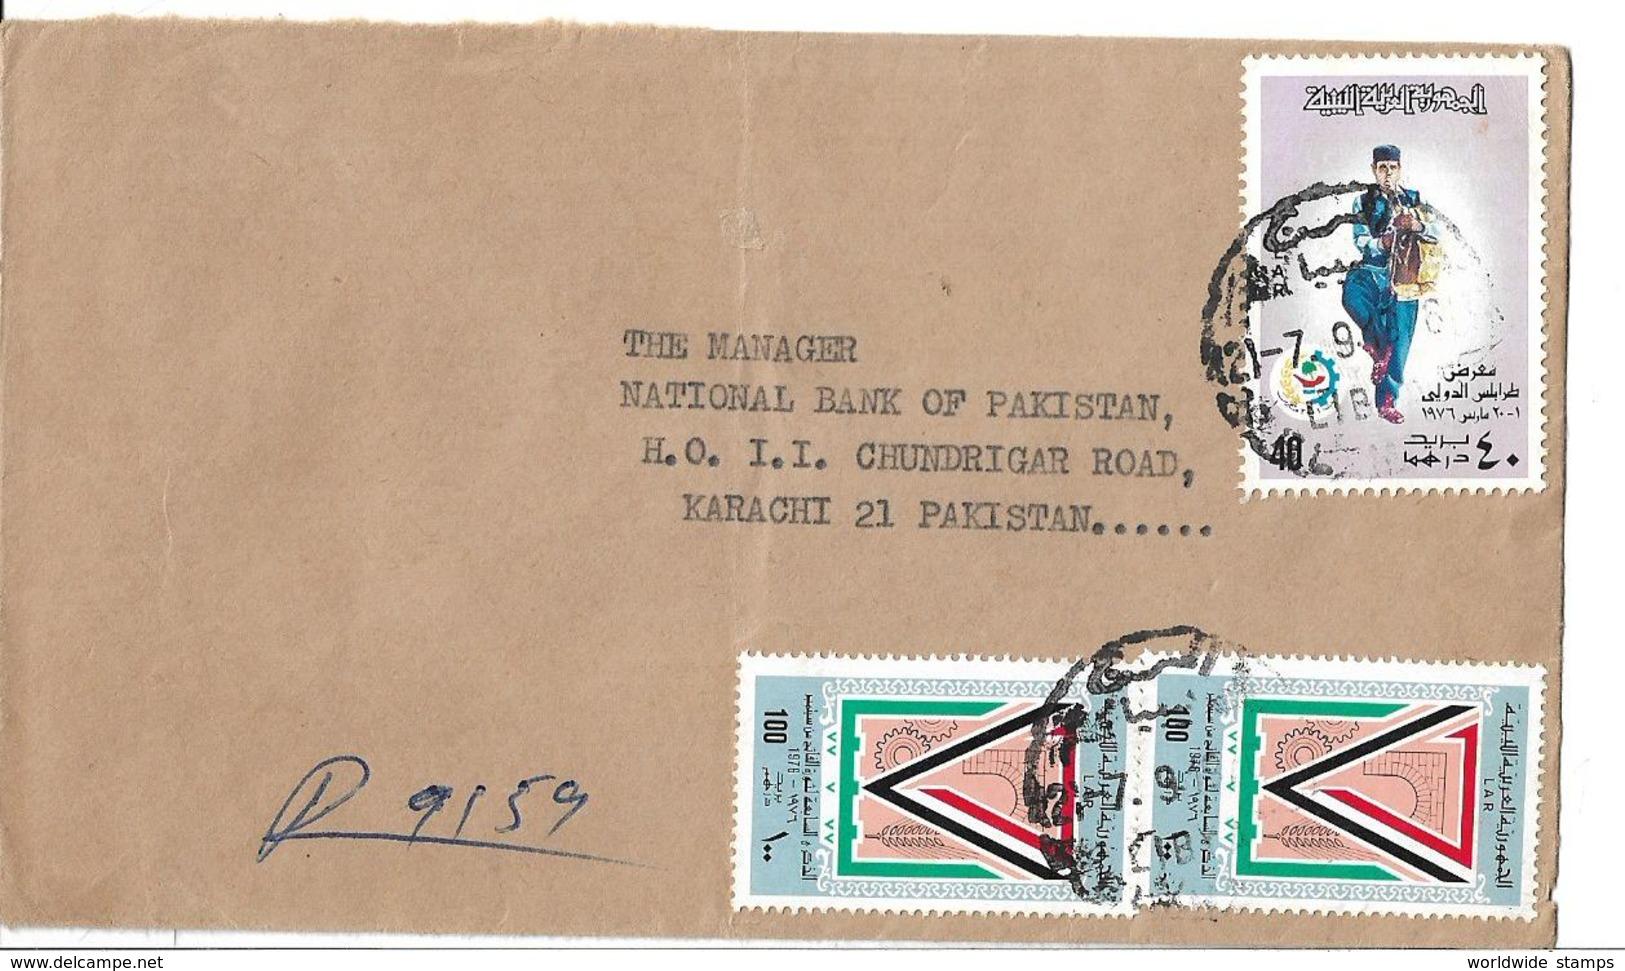 Libya Airmail Cover 1976 Costumes, Tripoli International Fair, 1975 7th Ann Sep. Revolution - Libië